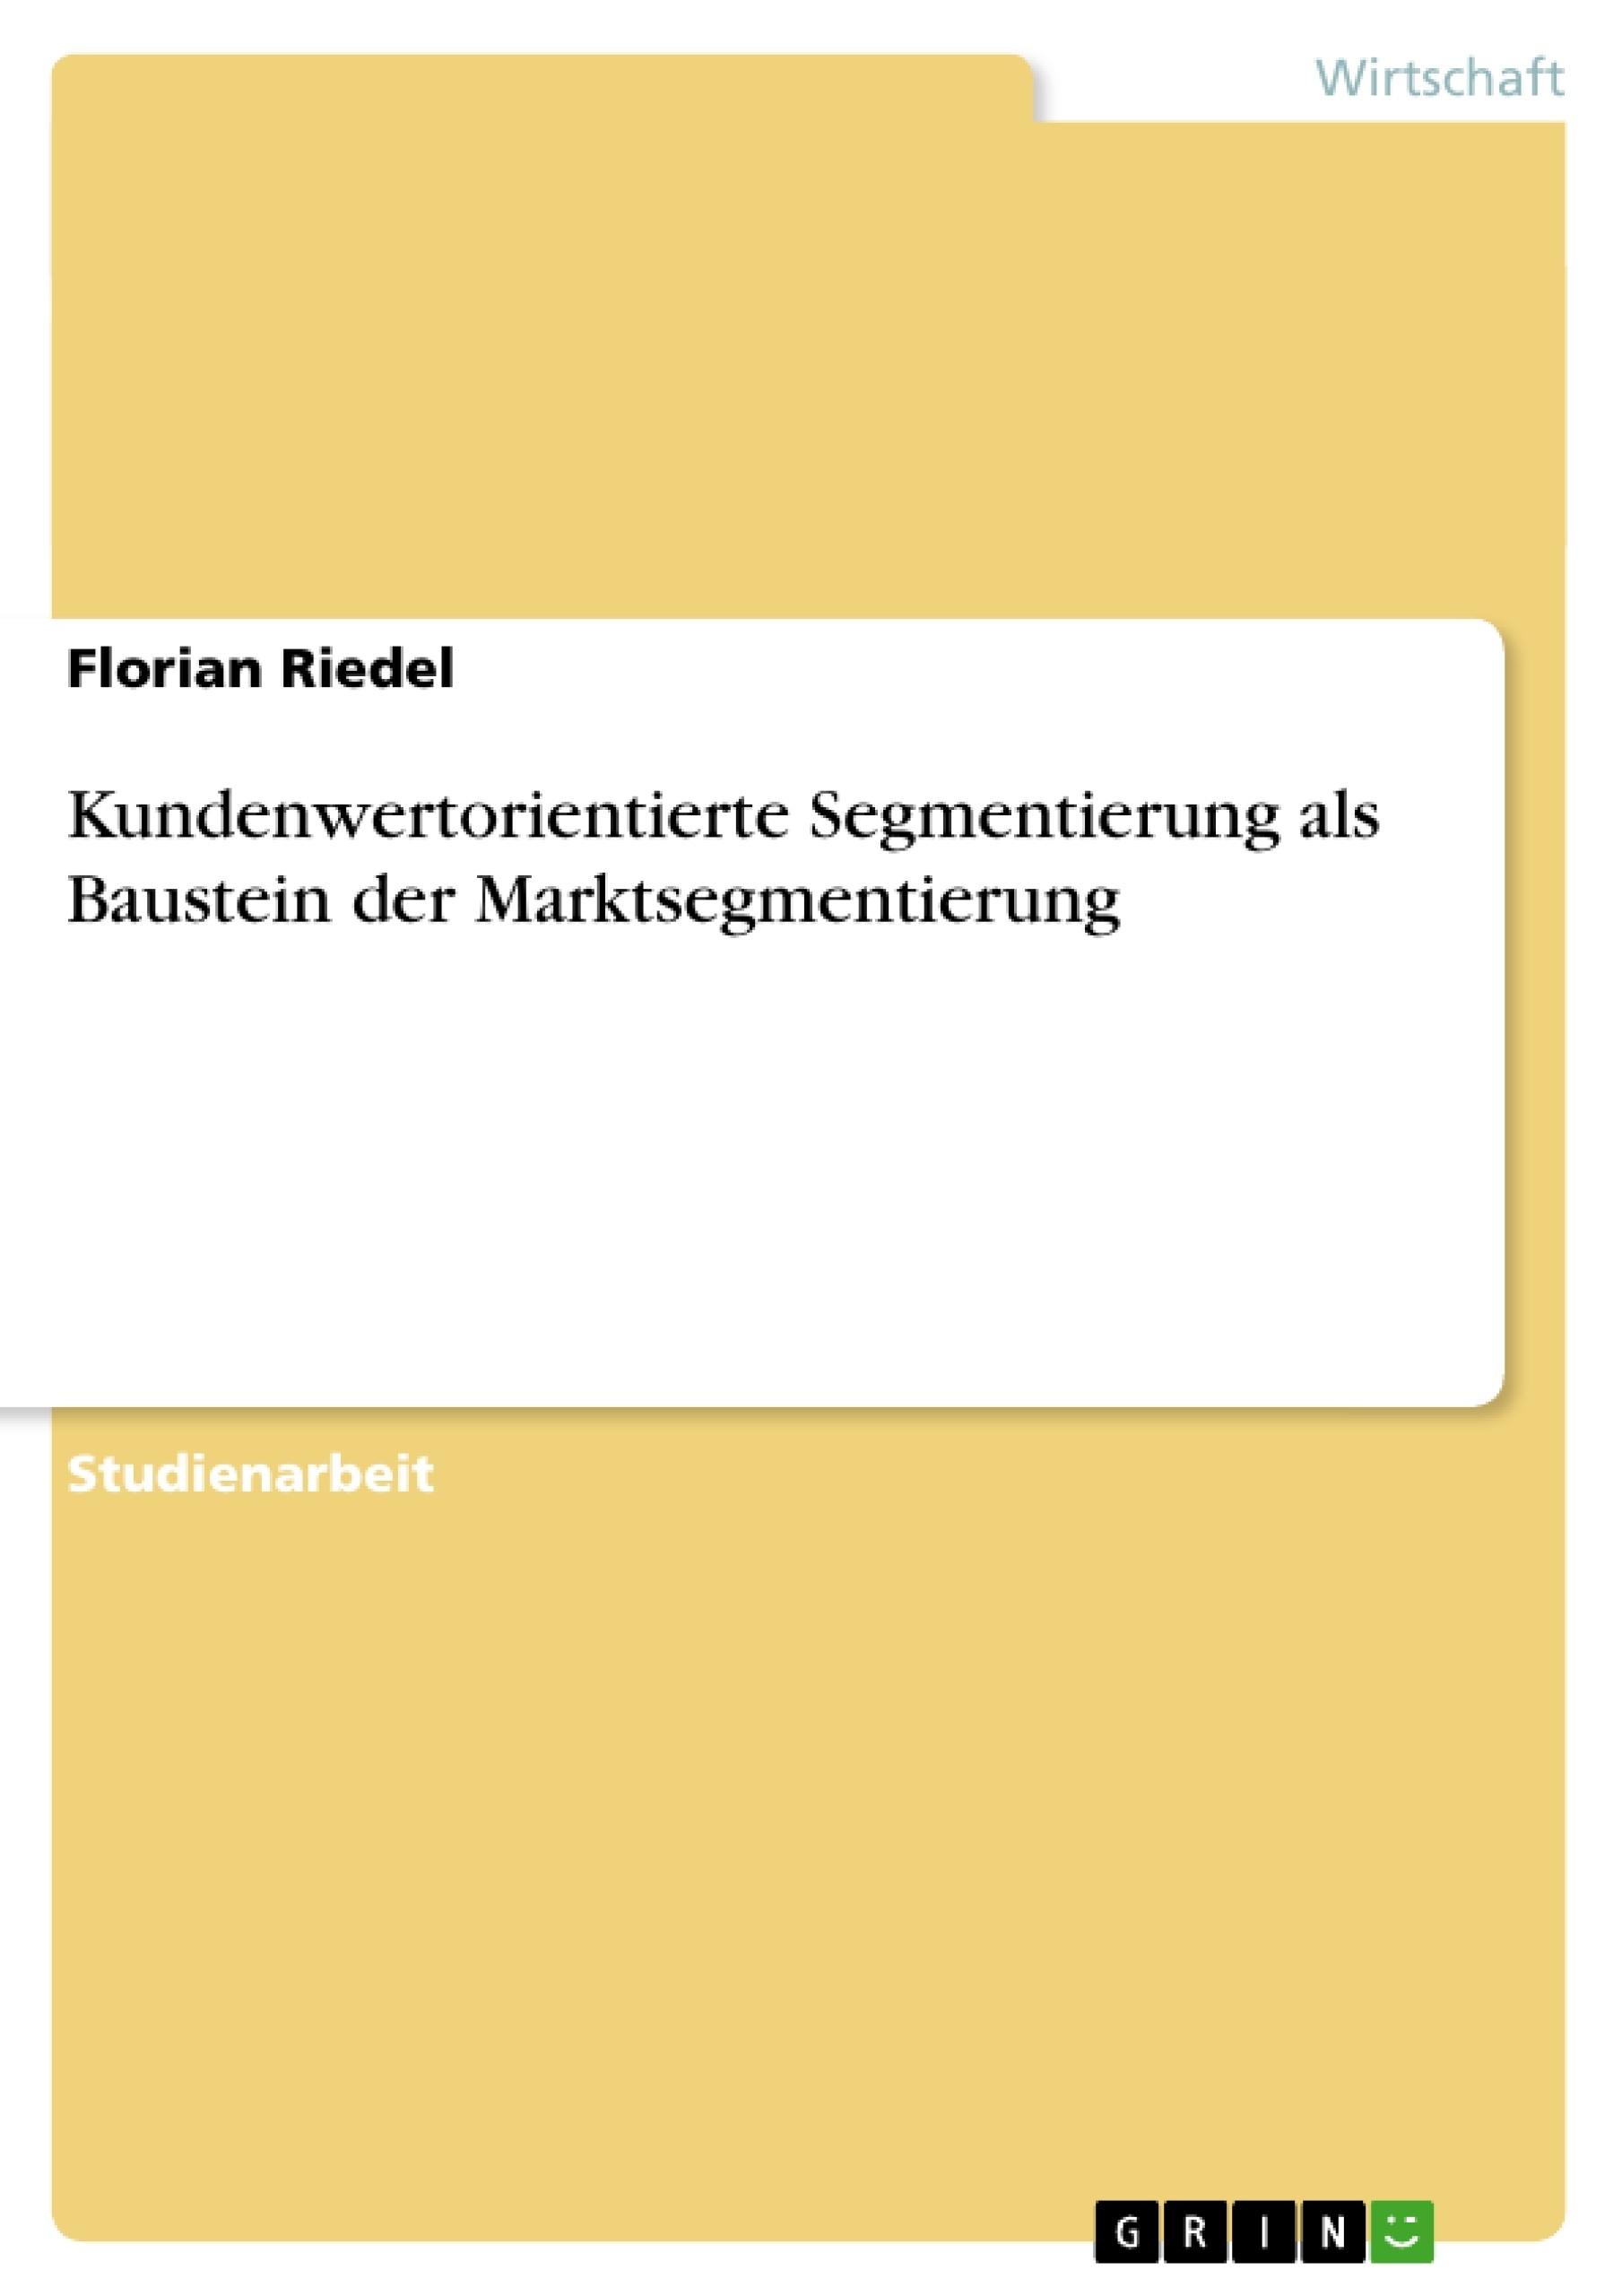 Titel: Kundenwertorientierte Segmentierung als Baustein der Marktsegmentierung